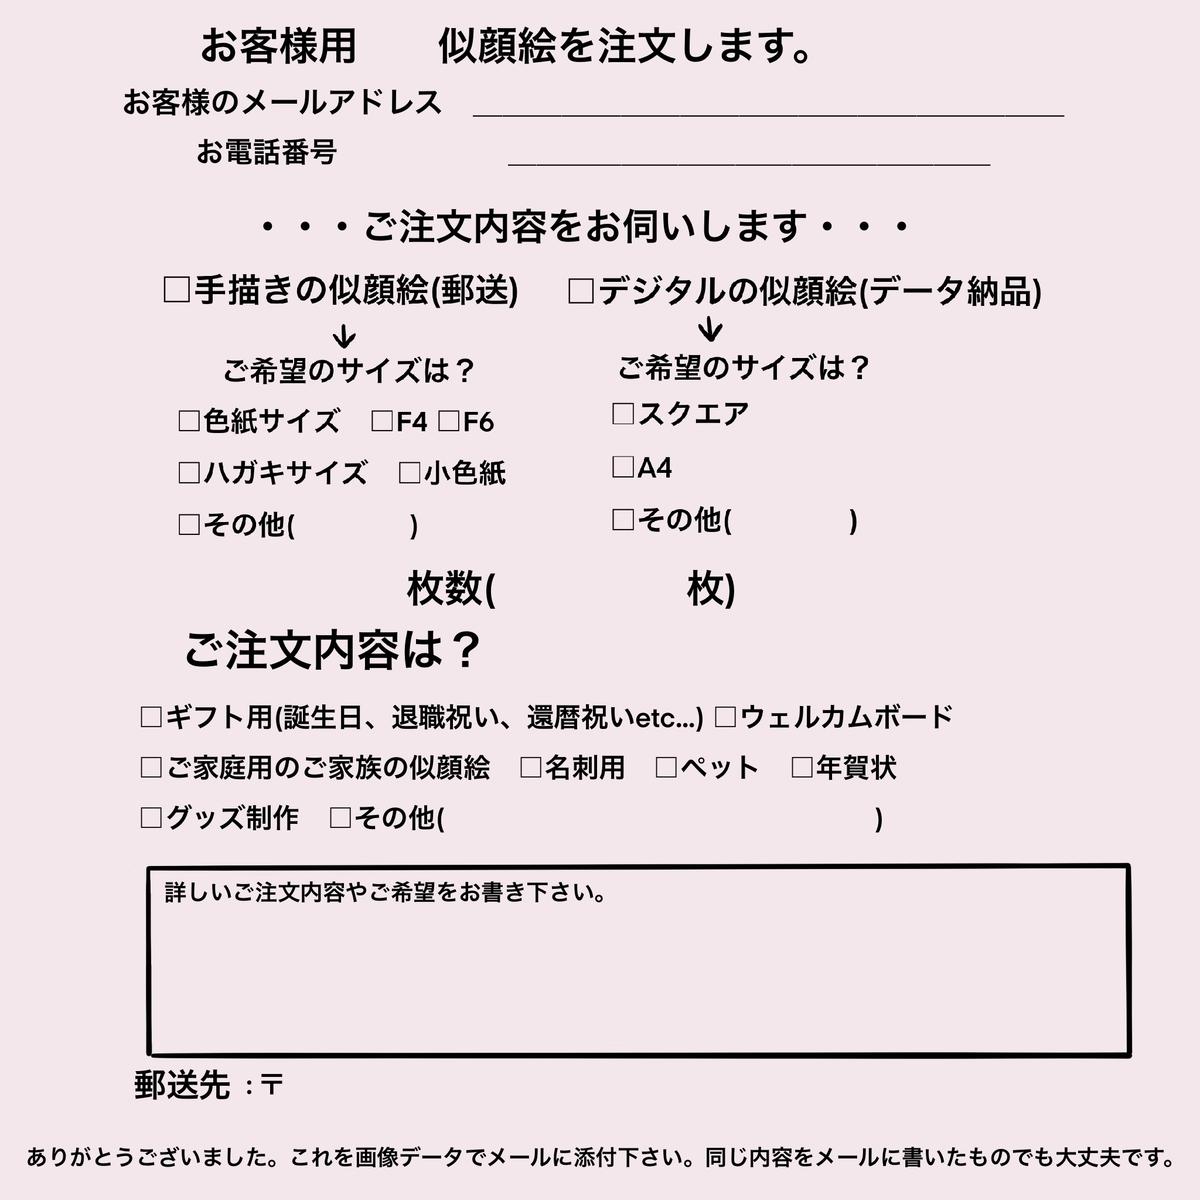 似顔絵注文表 北海道札幌の似顔絵作家高井じゅり 似顔絵ファクトリー